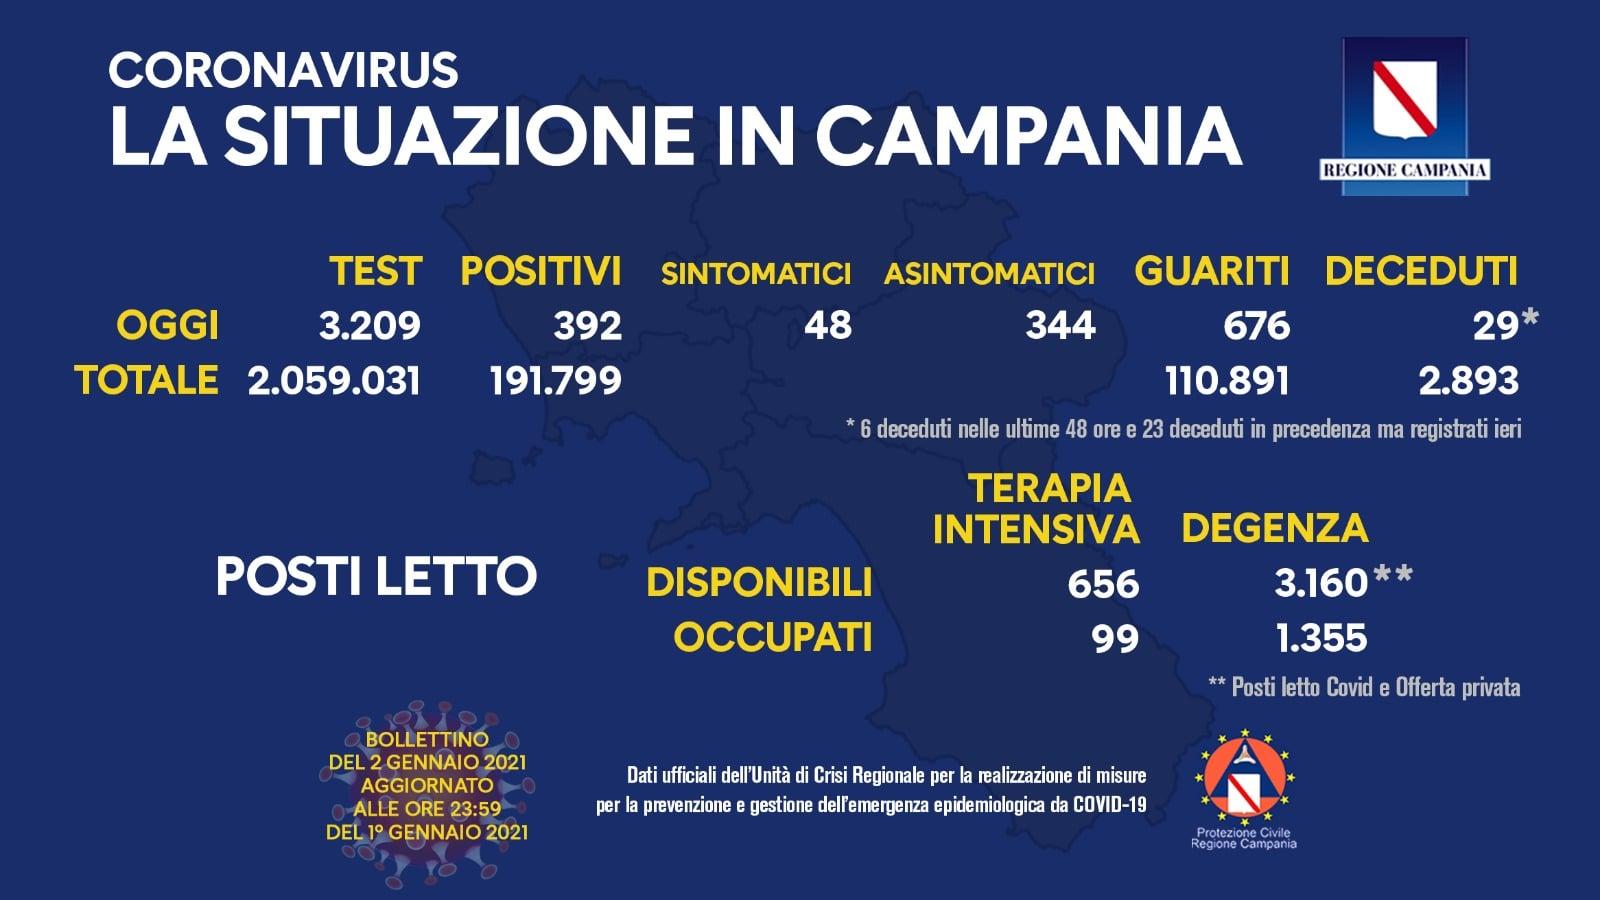 Coronavirus in Campania: bollettino del 2 gennaio 2021